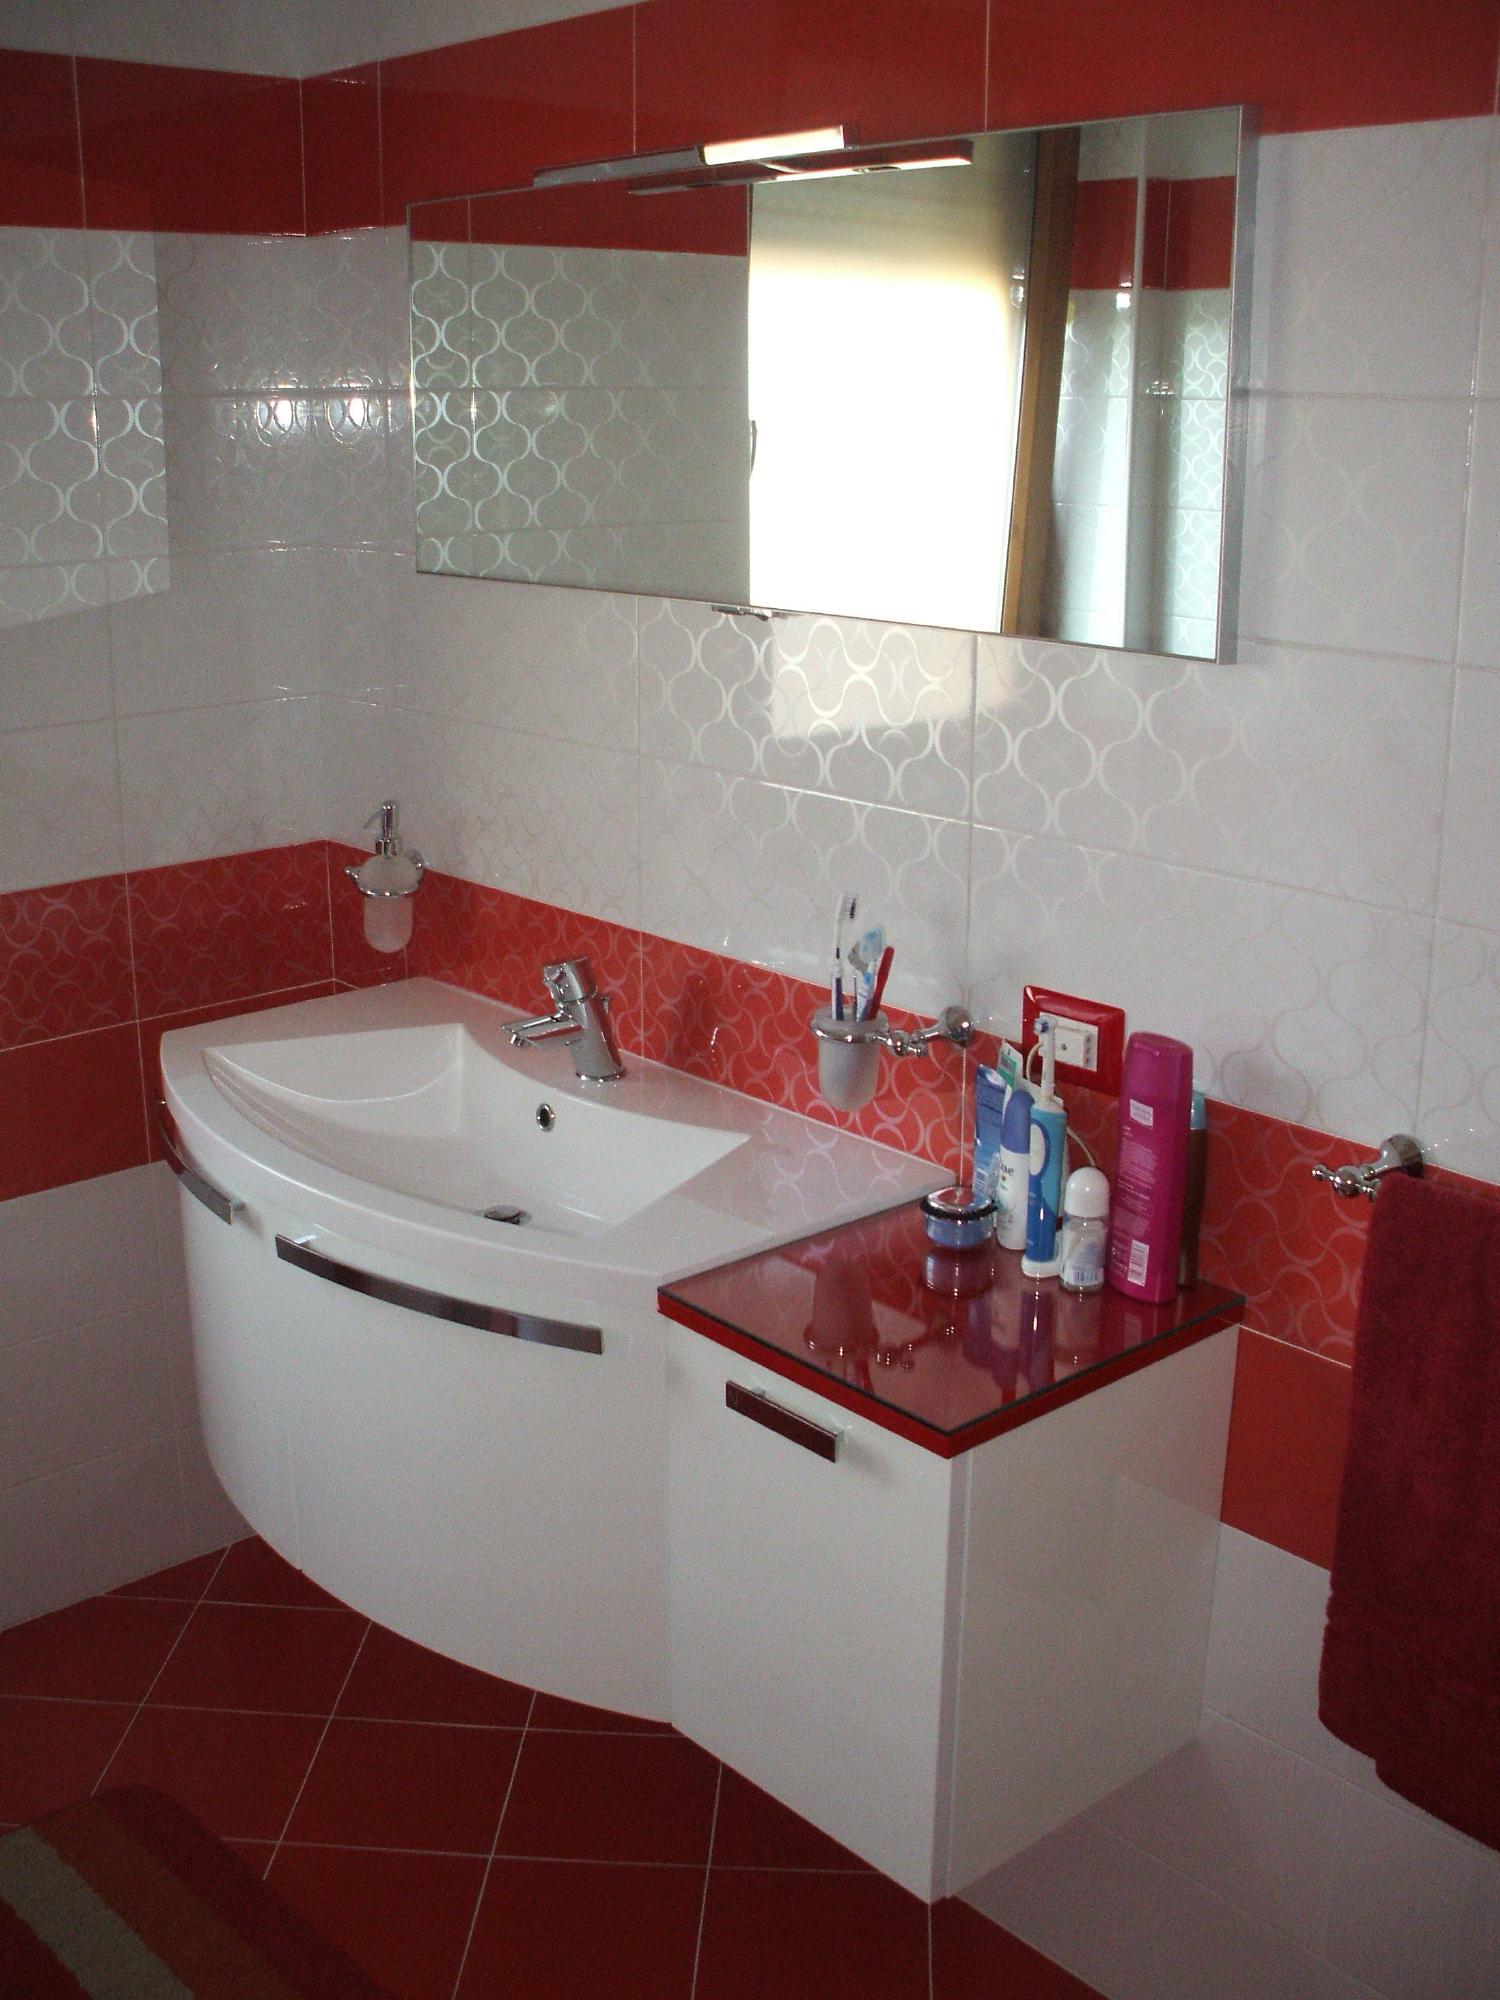 Bagno rosso dom kupatila u jarkim bojama